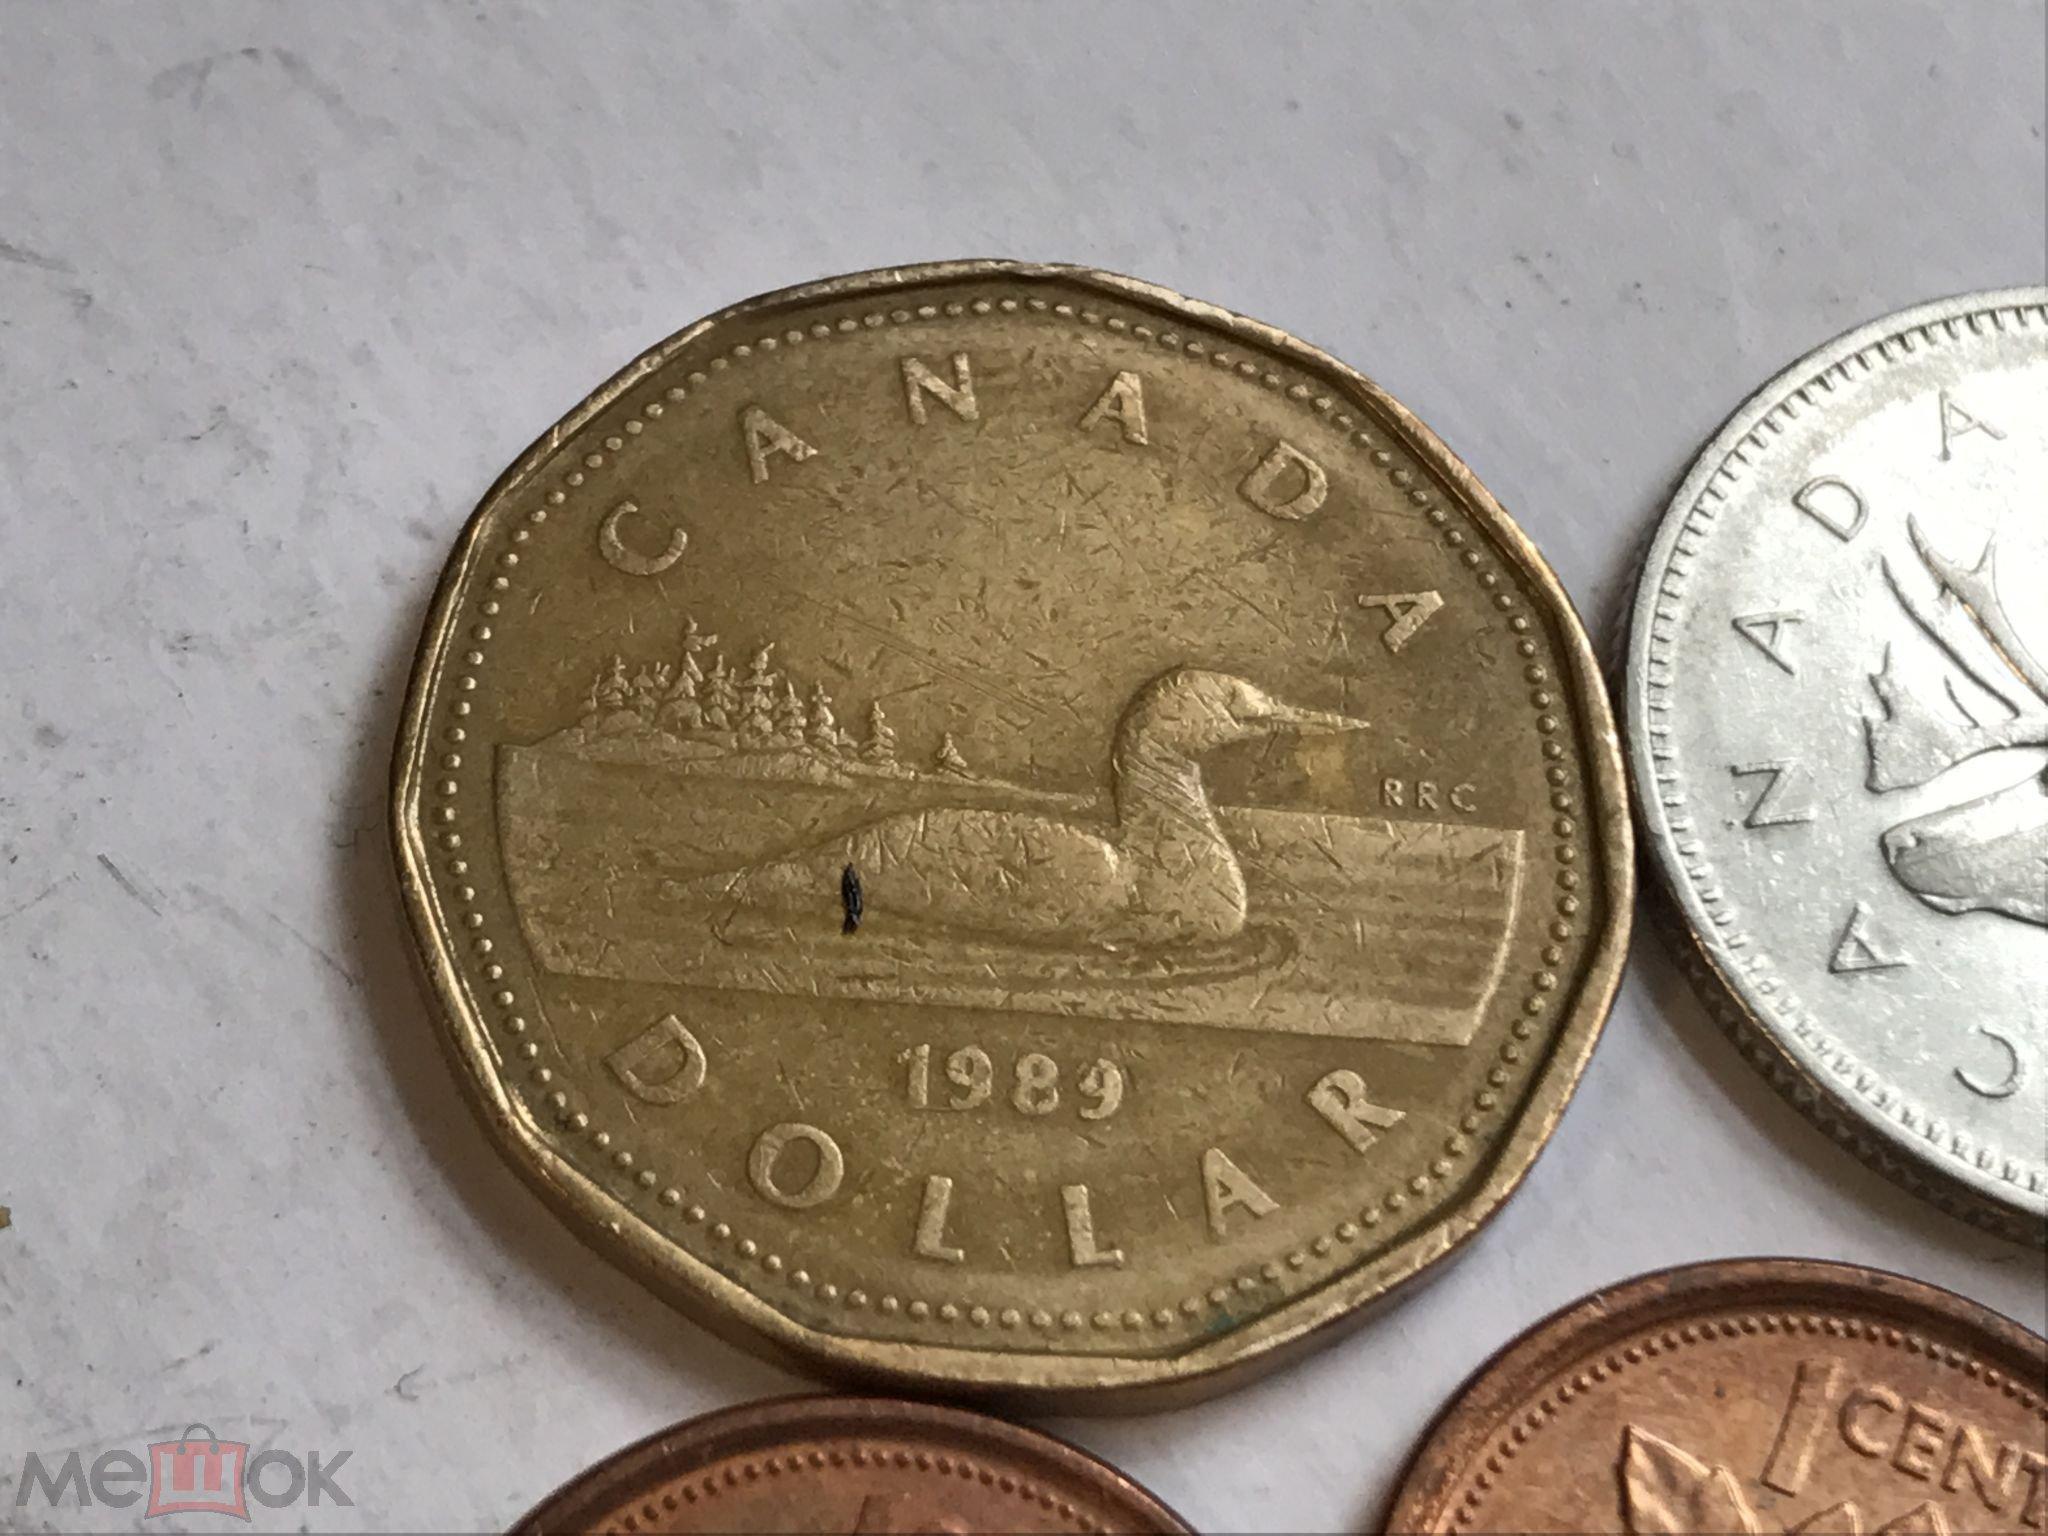 1 доллар канада 1989 цена продам монеты царской россии стоимость каталог цены